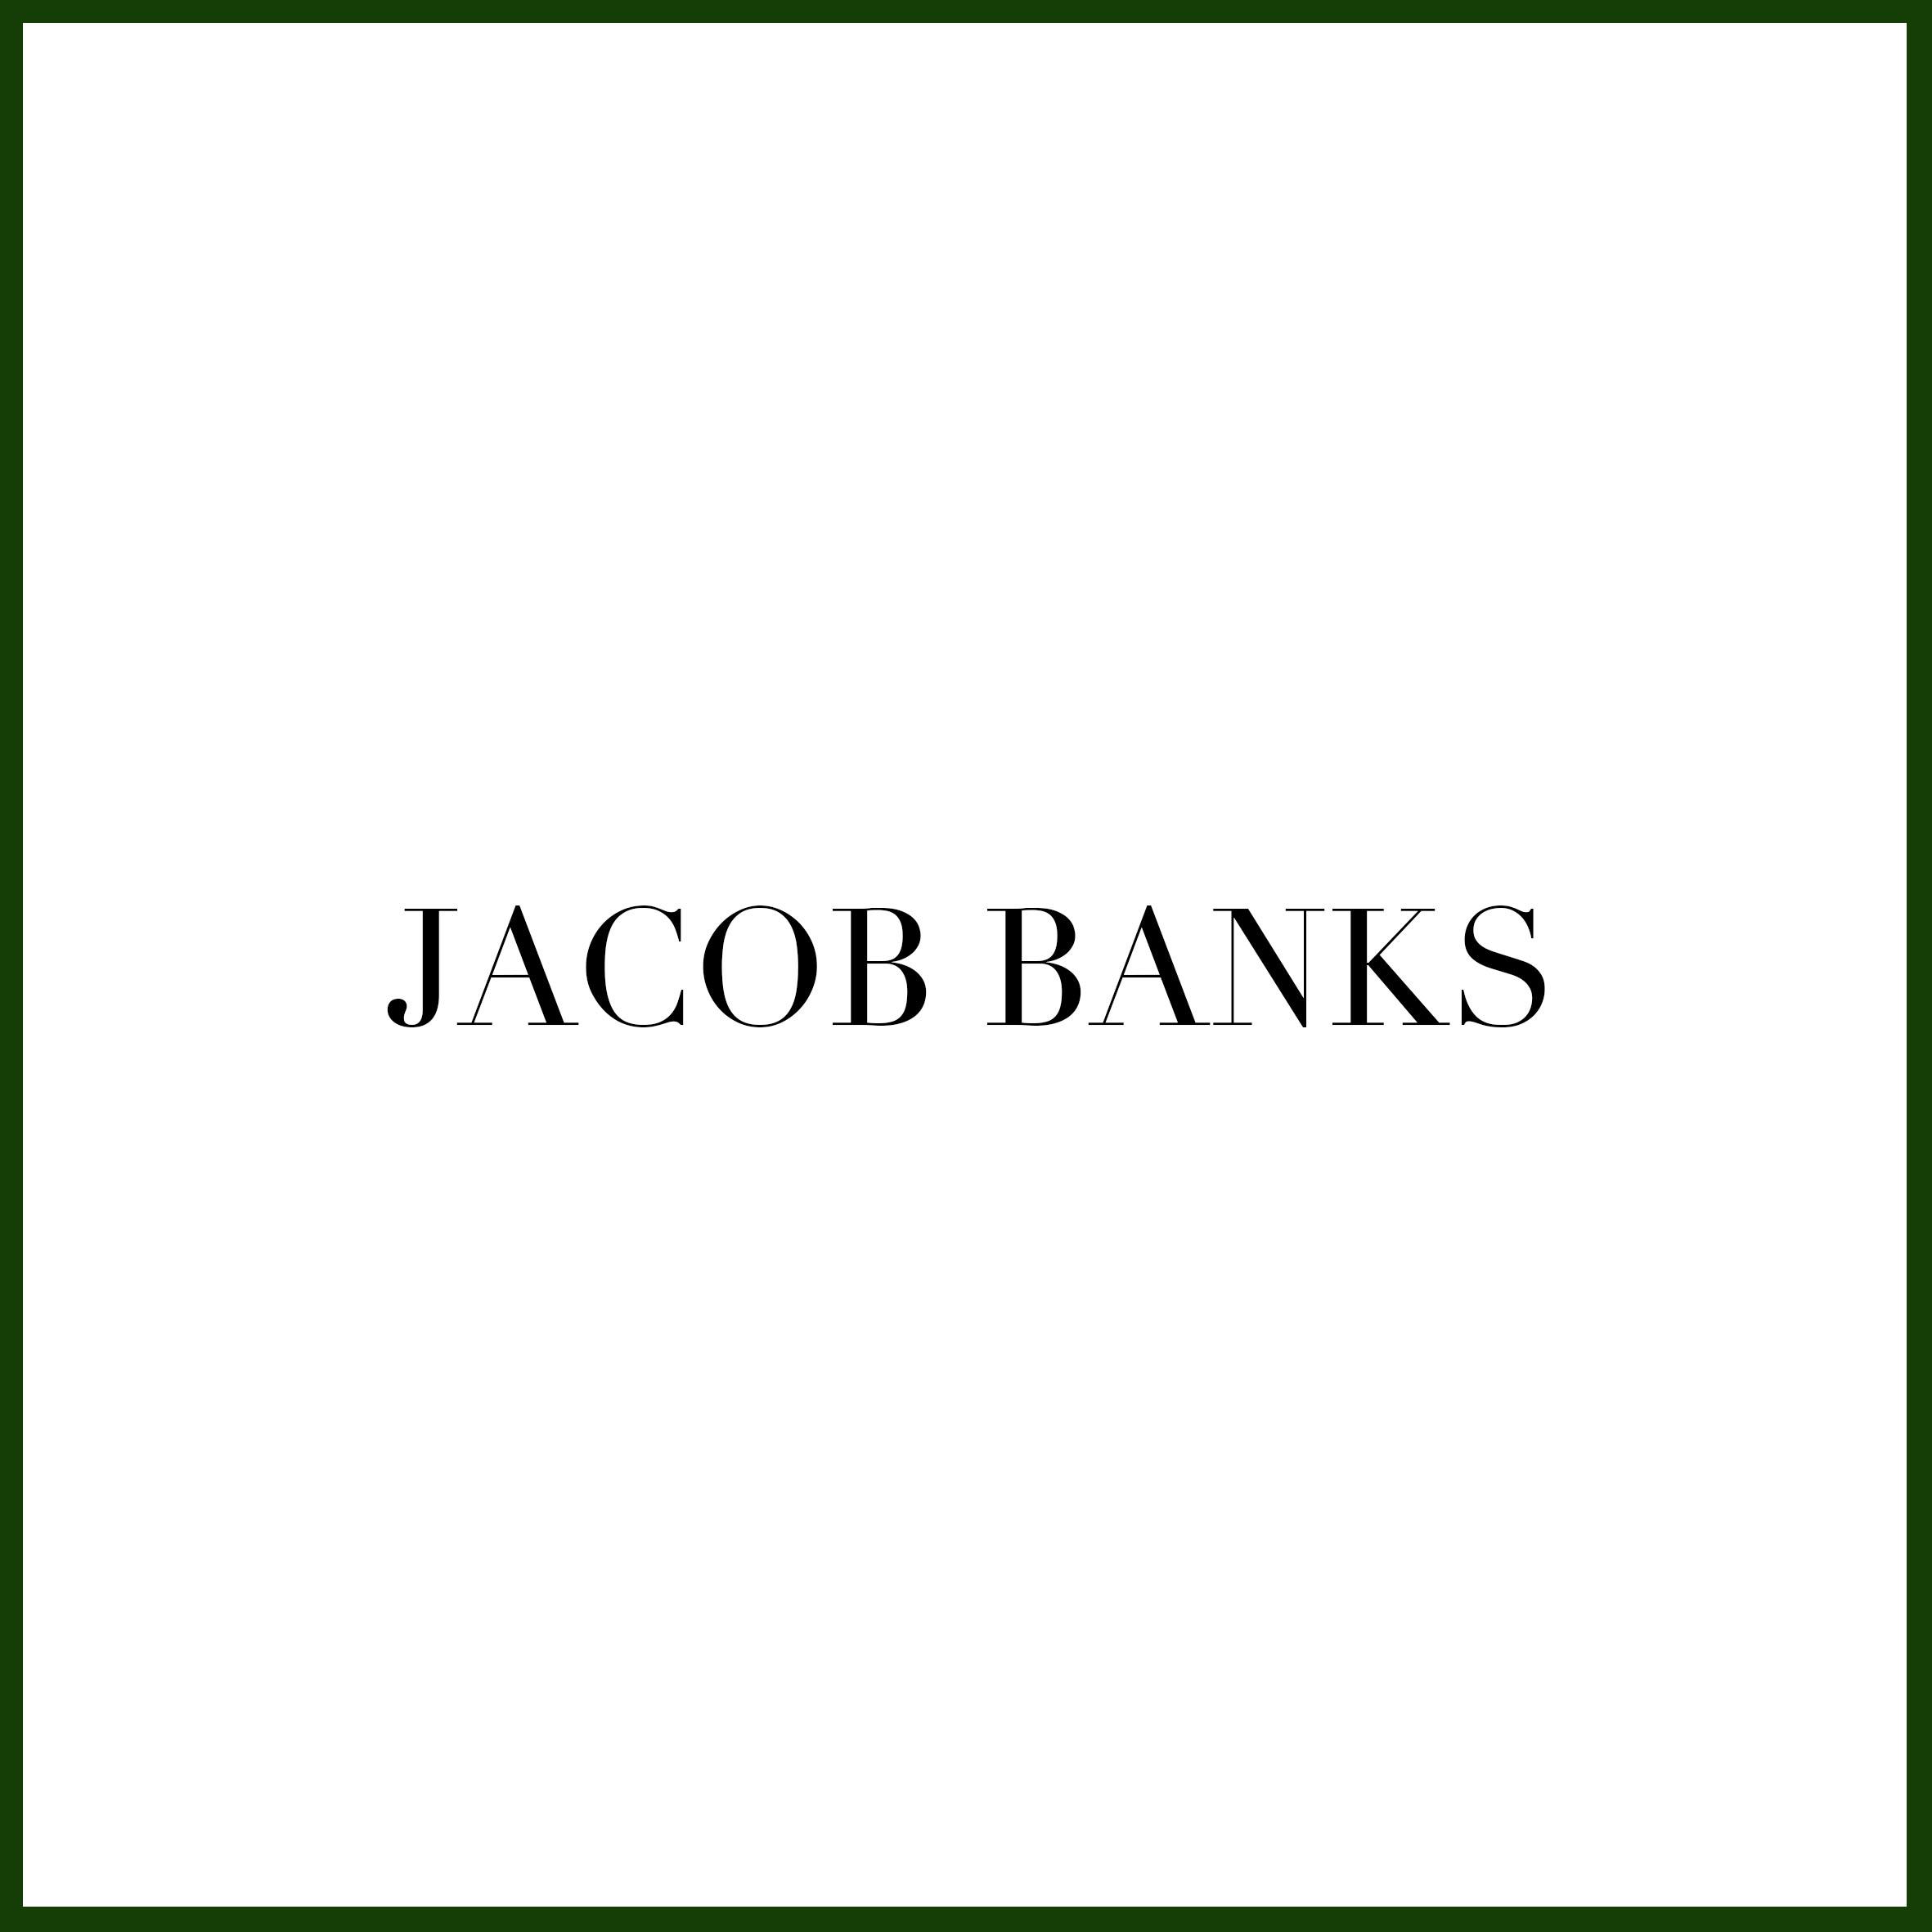 Jacob__Banks.jpg